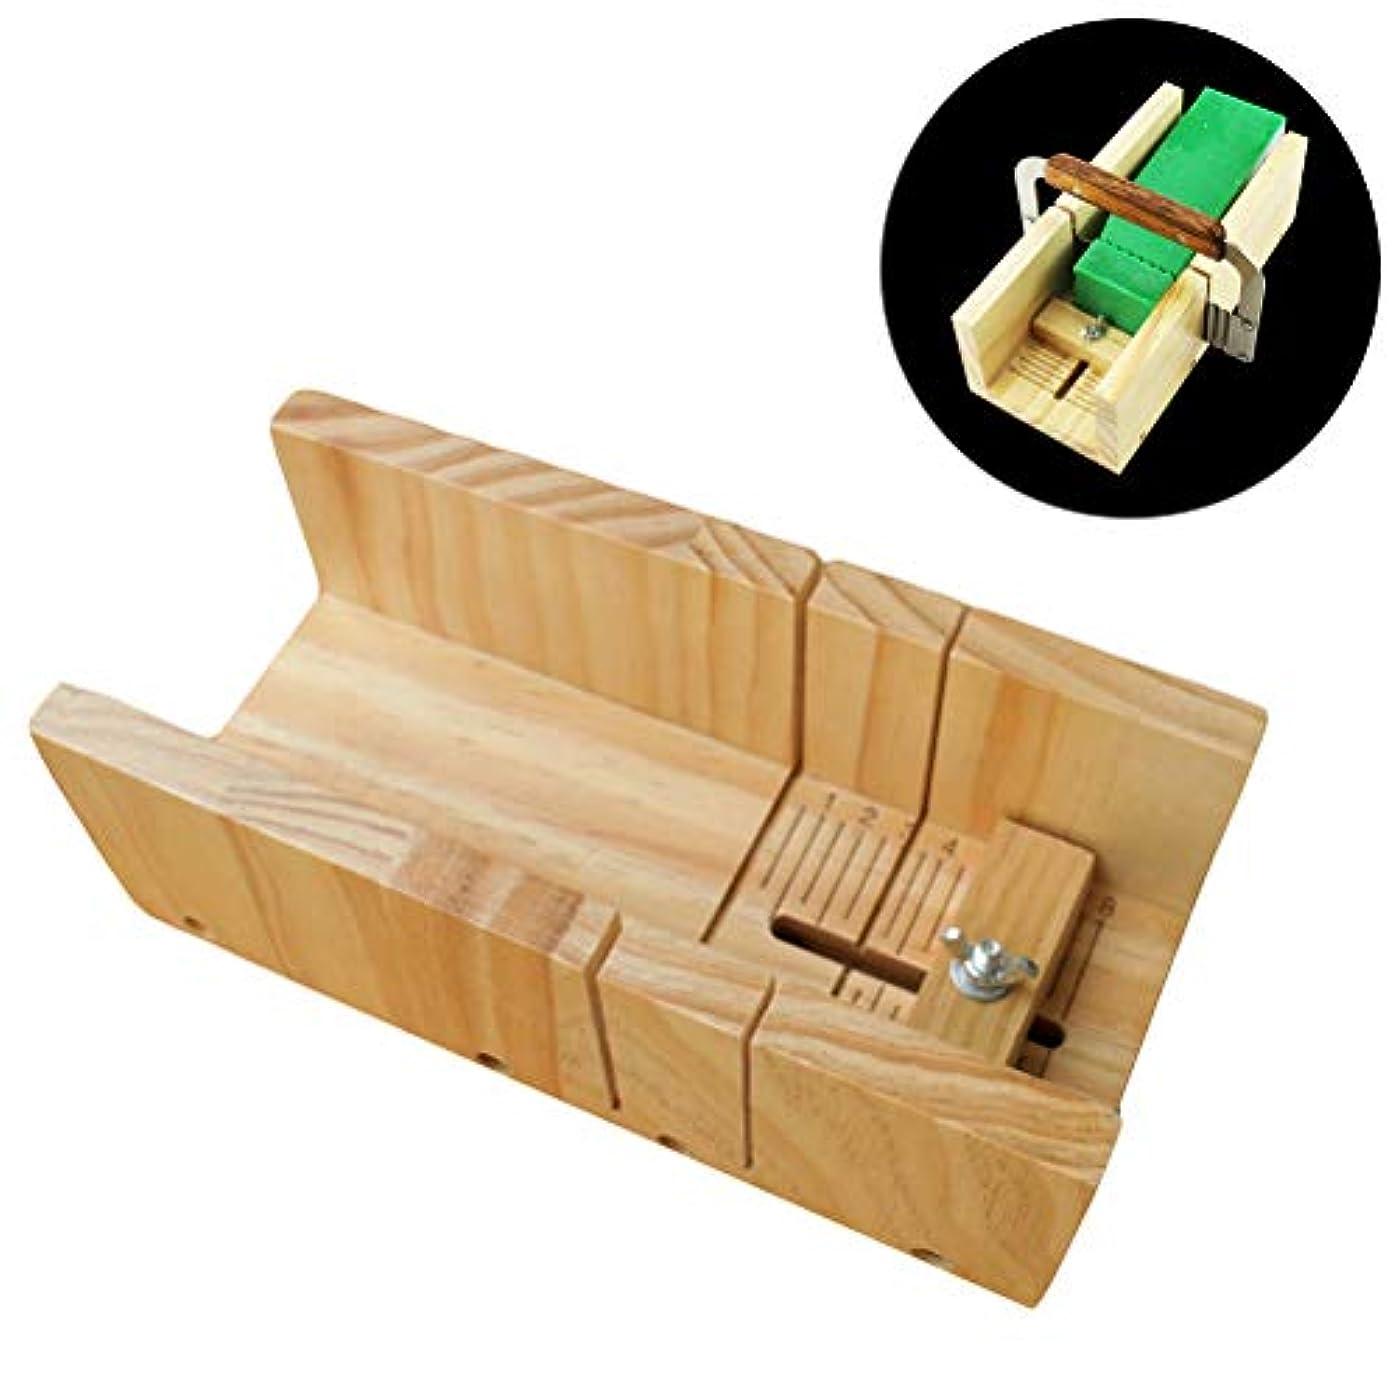 気まぐれなアリフィールドHealifty 木製石鹸カッターモールド石鹸ロープモールド調節可能なカッターモールドボックス石鹸ツールを作る